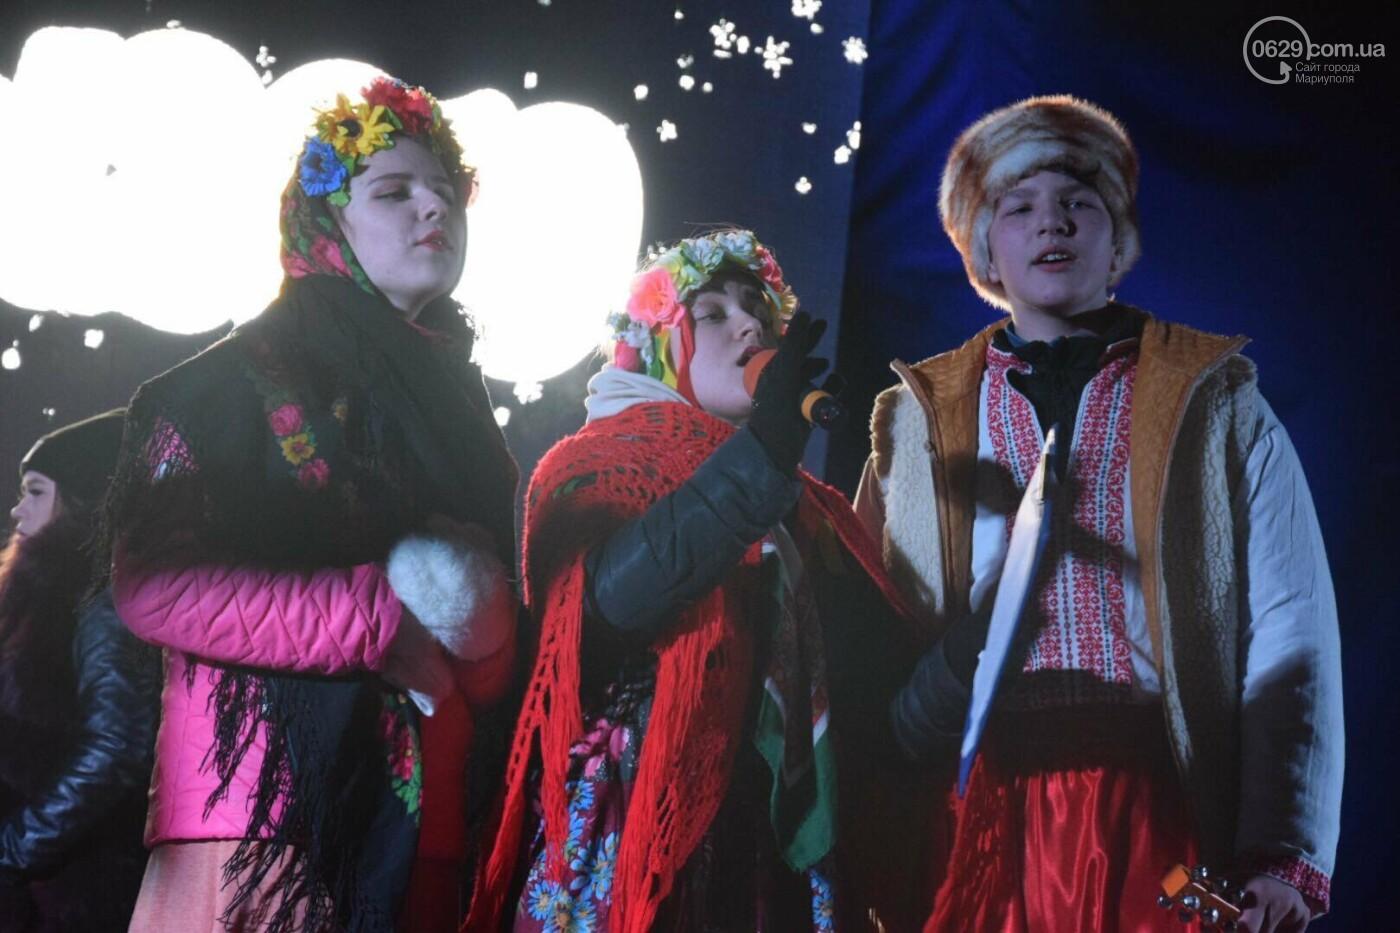 Мариупольцы отметили католическое Рождество, - ФОТО, ВИДЕО, фото-1